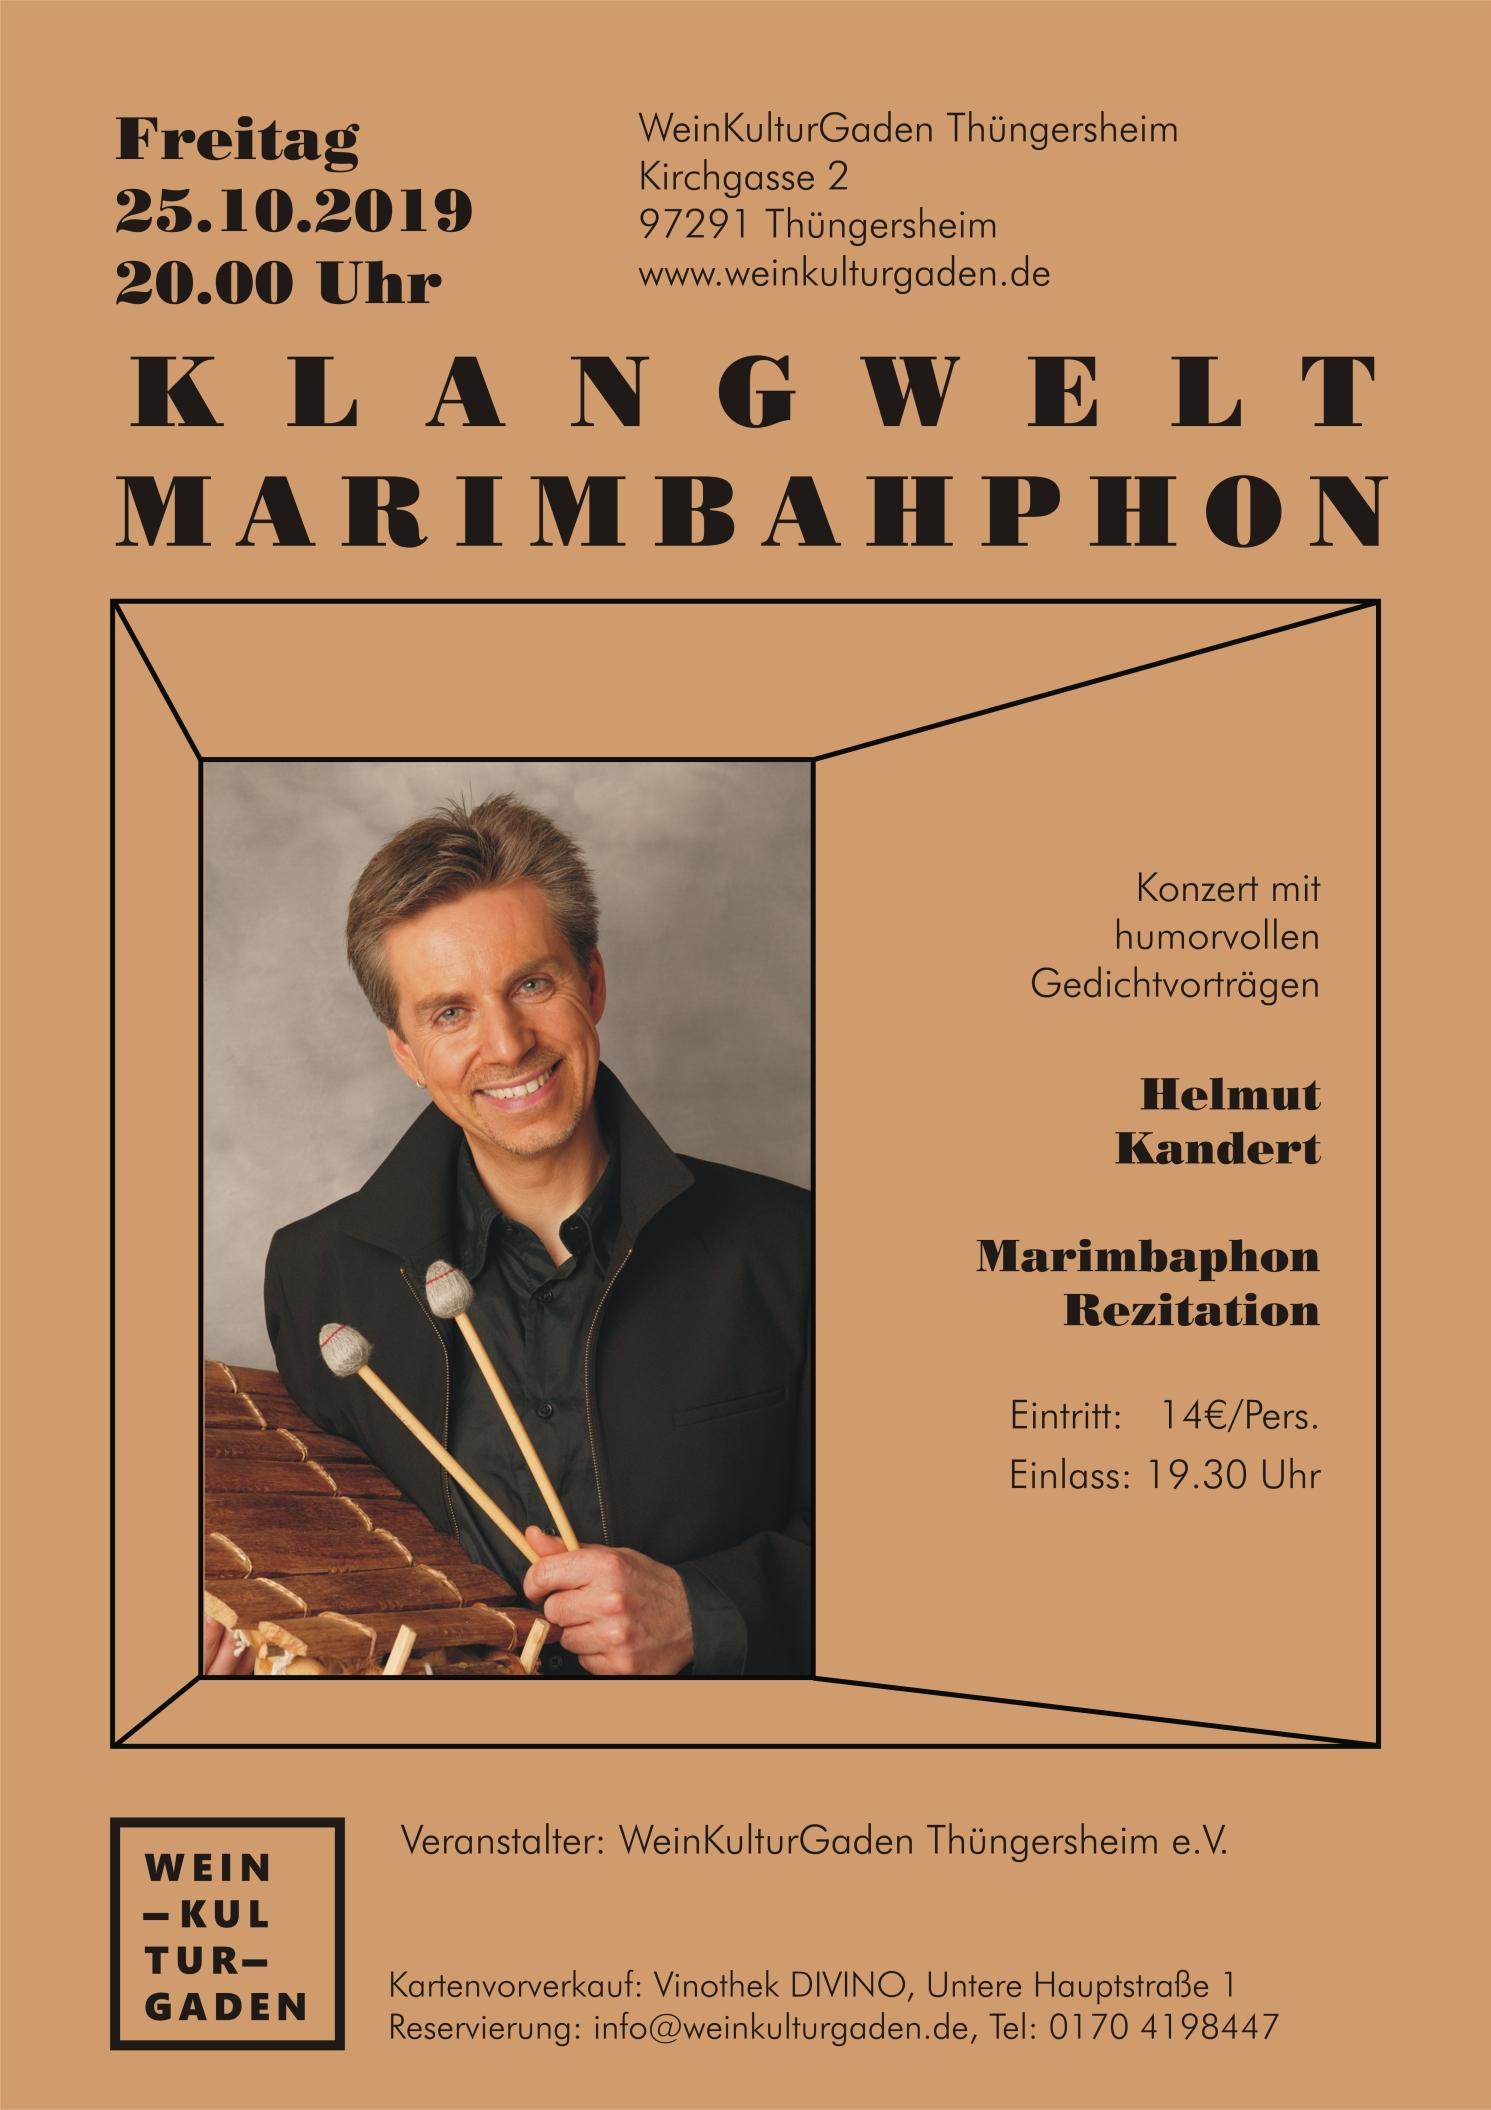 Konzert - Klangwelt Marimbaphon (Helmut Kandert)